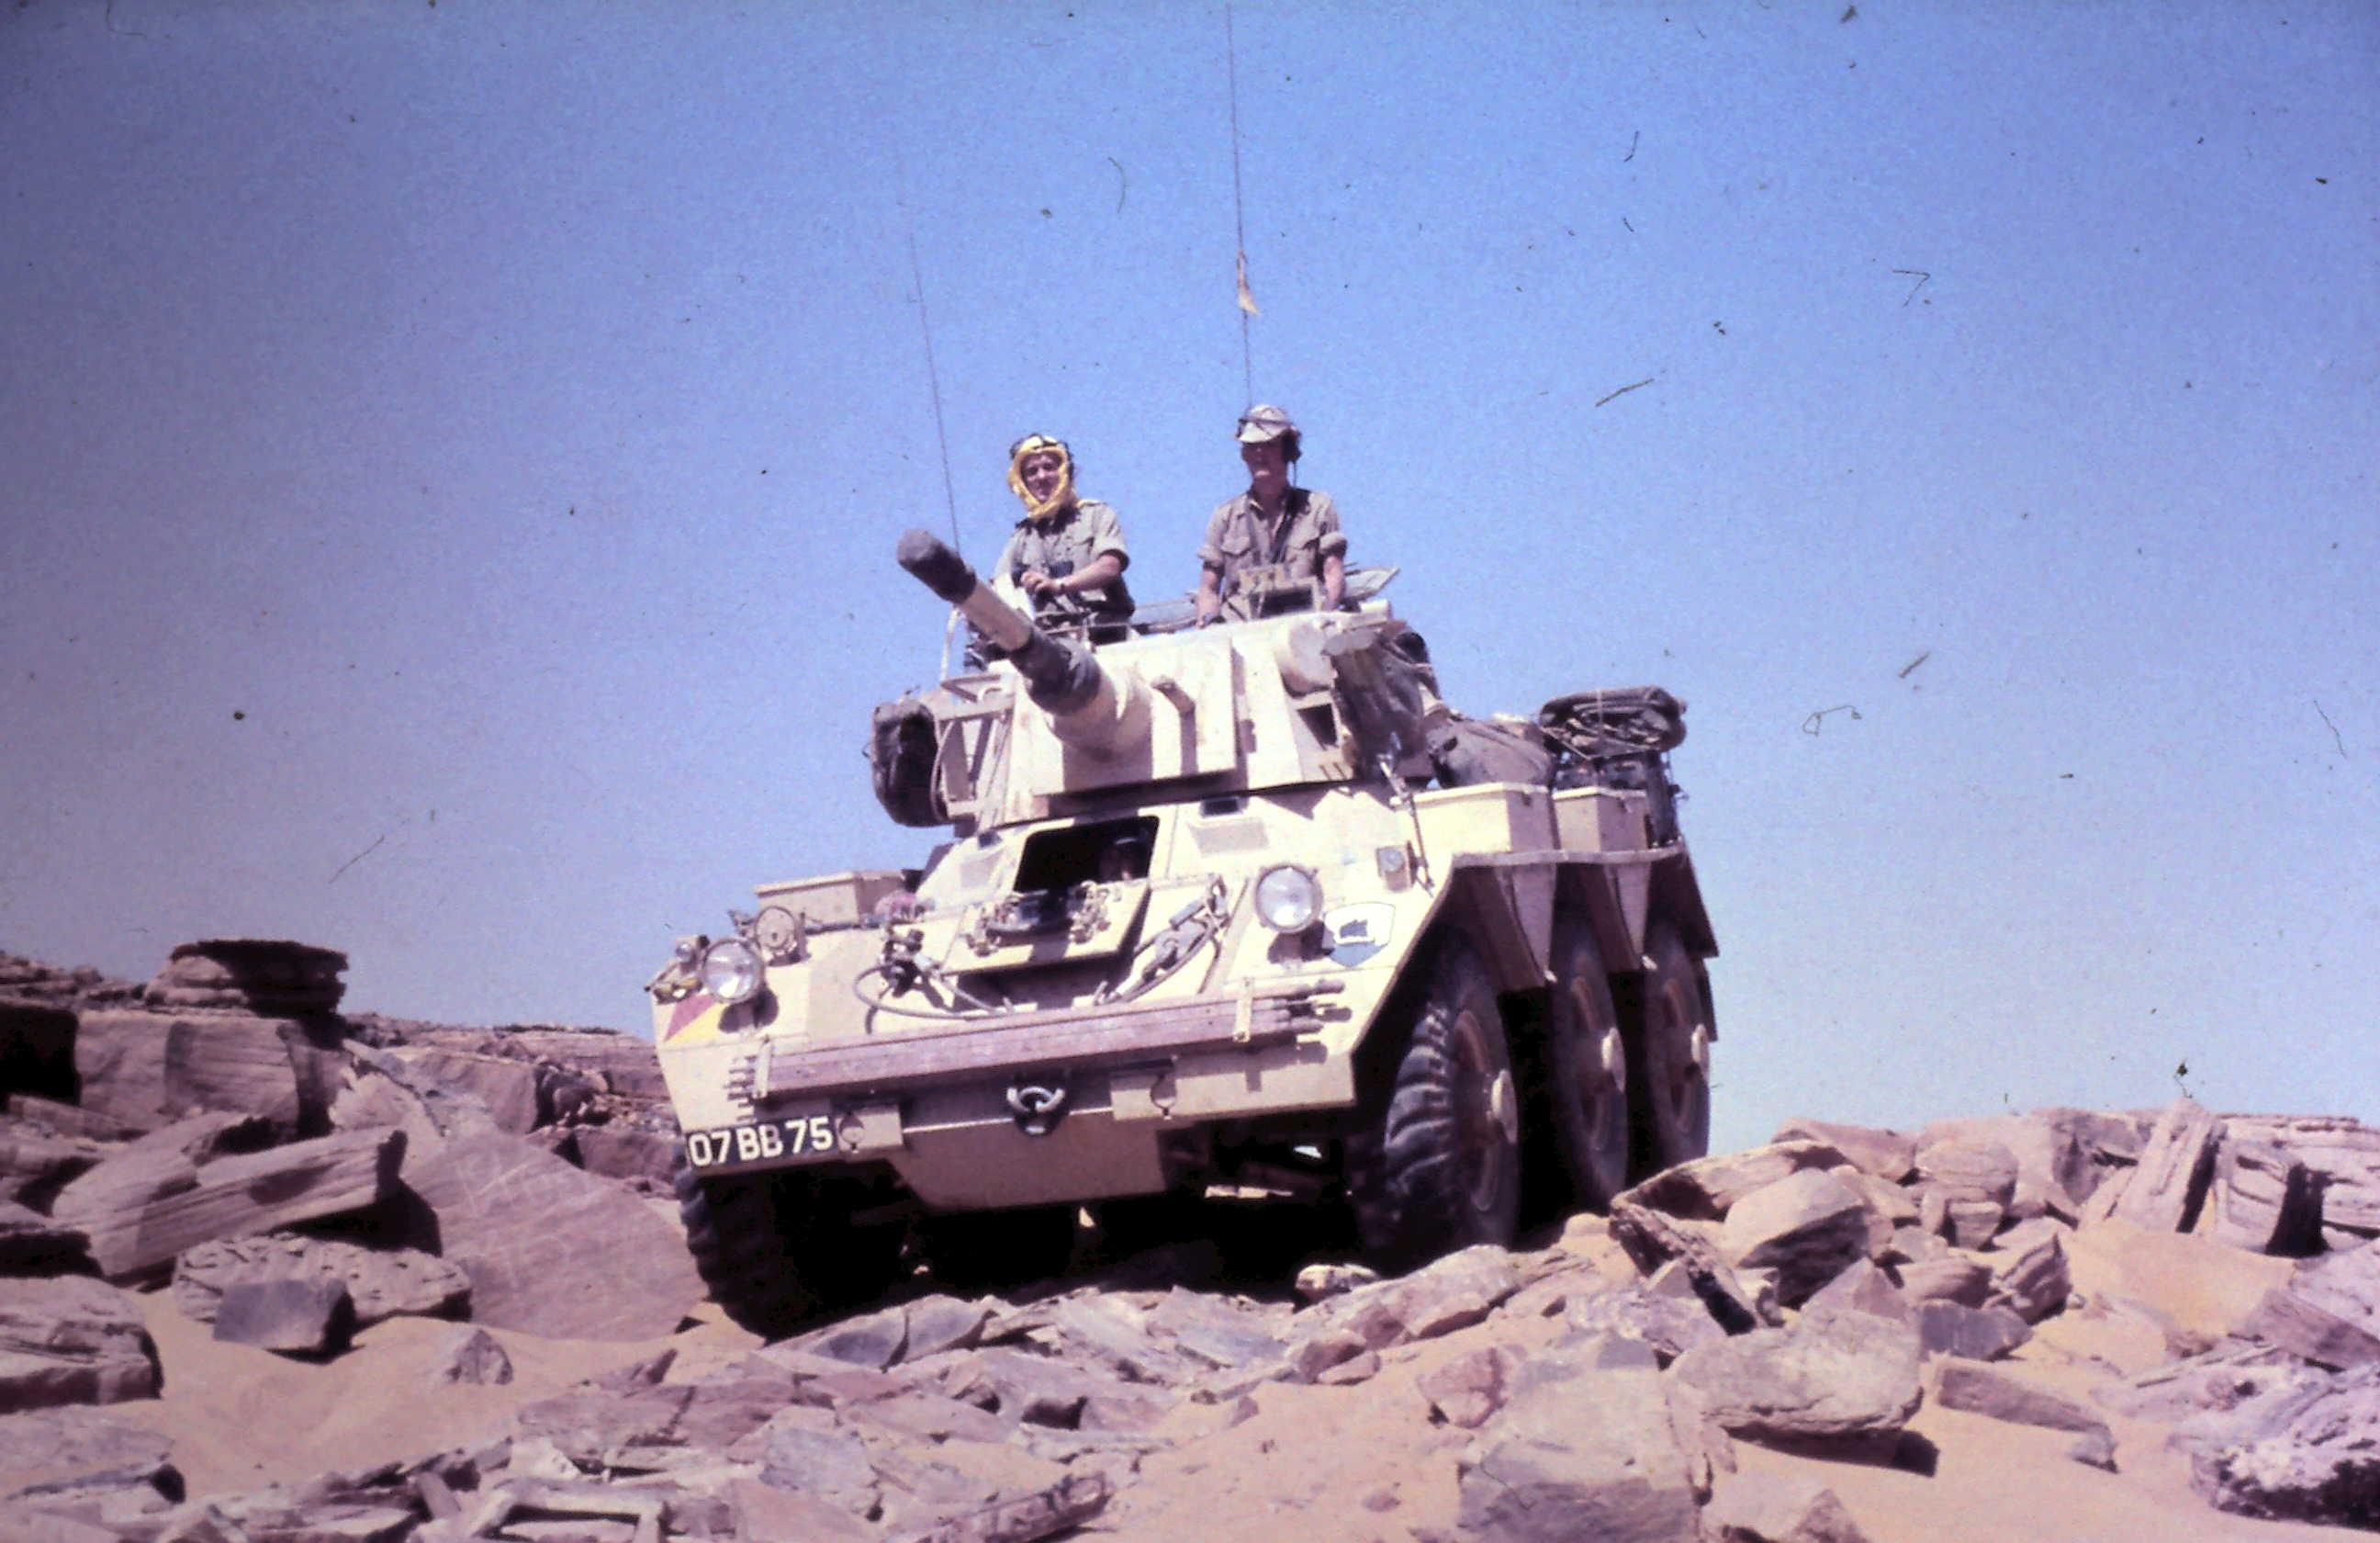 Saladin 07BB75 (Lt Wilson, Tpr Messenger and Peake descending the escarpment.JPG